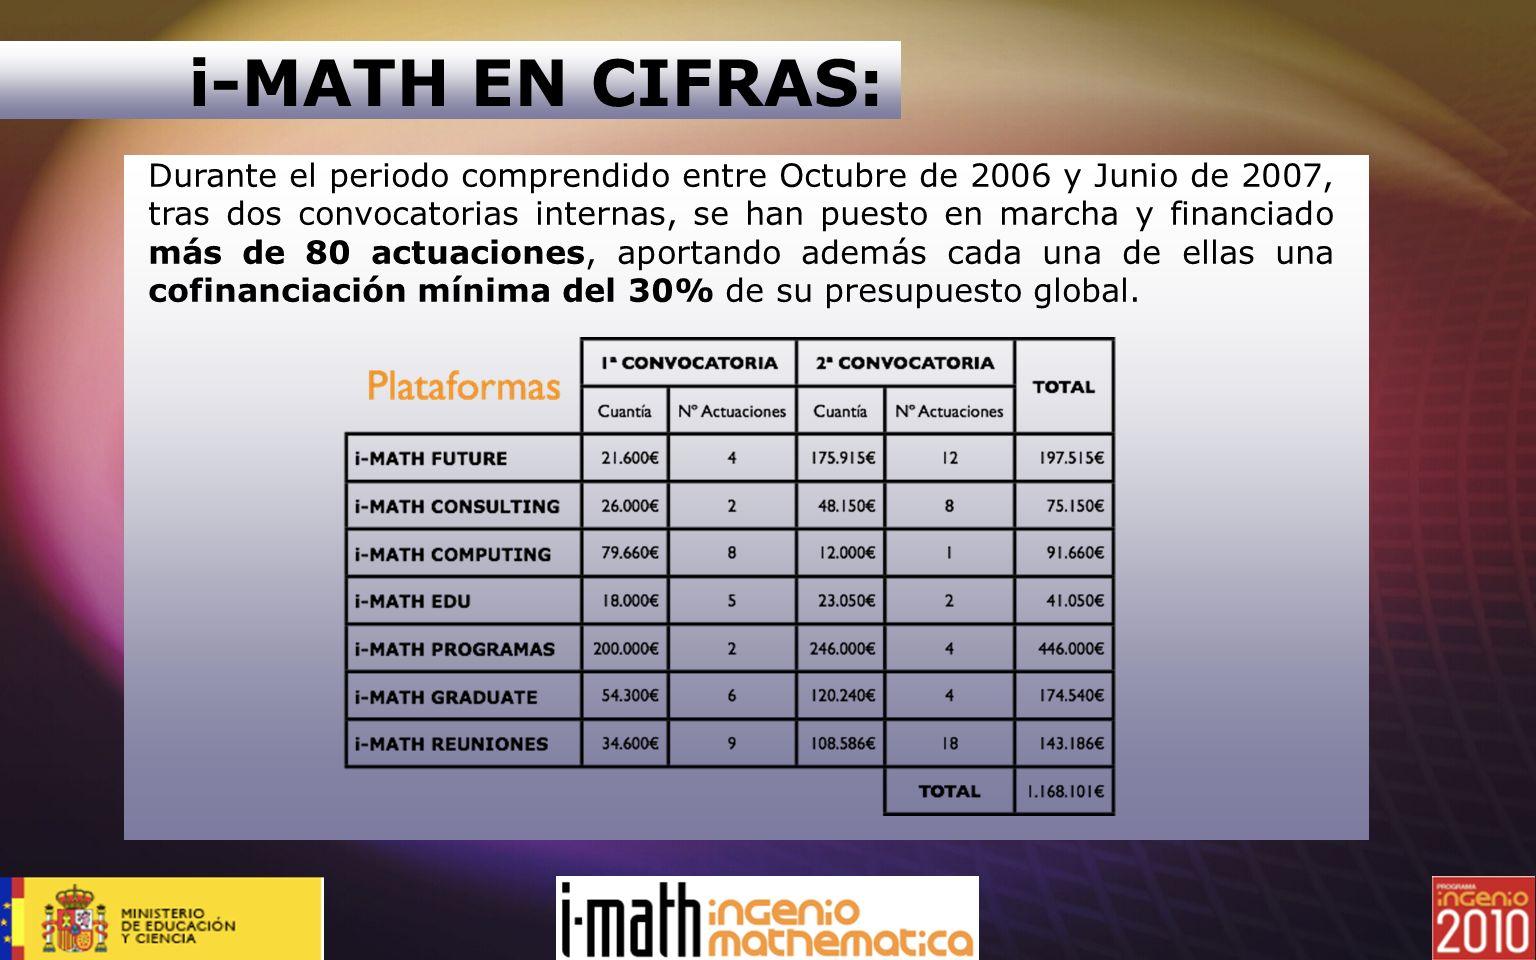 Durante el periodo comprendido entre Octubre de 2006 y Junio de 2007, tras dos convocatorias internas, se han puesto en marcha y financiado más de 80